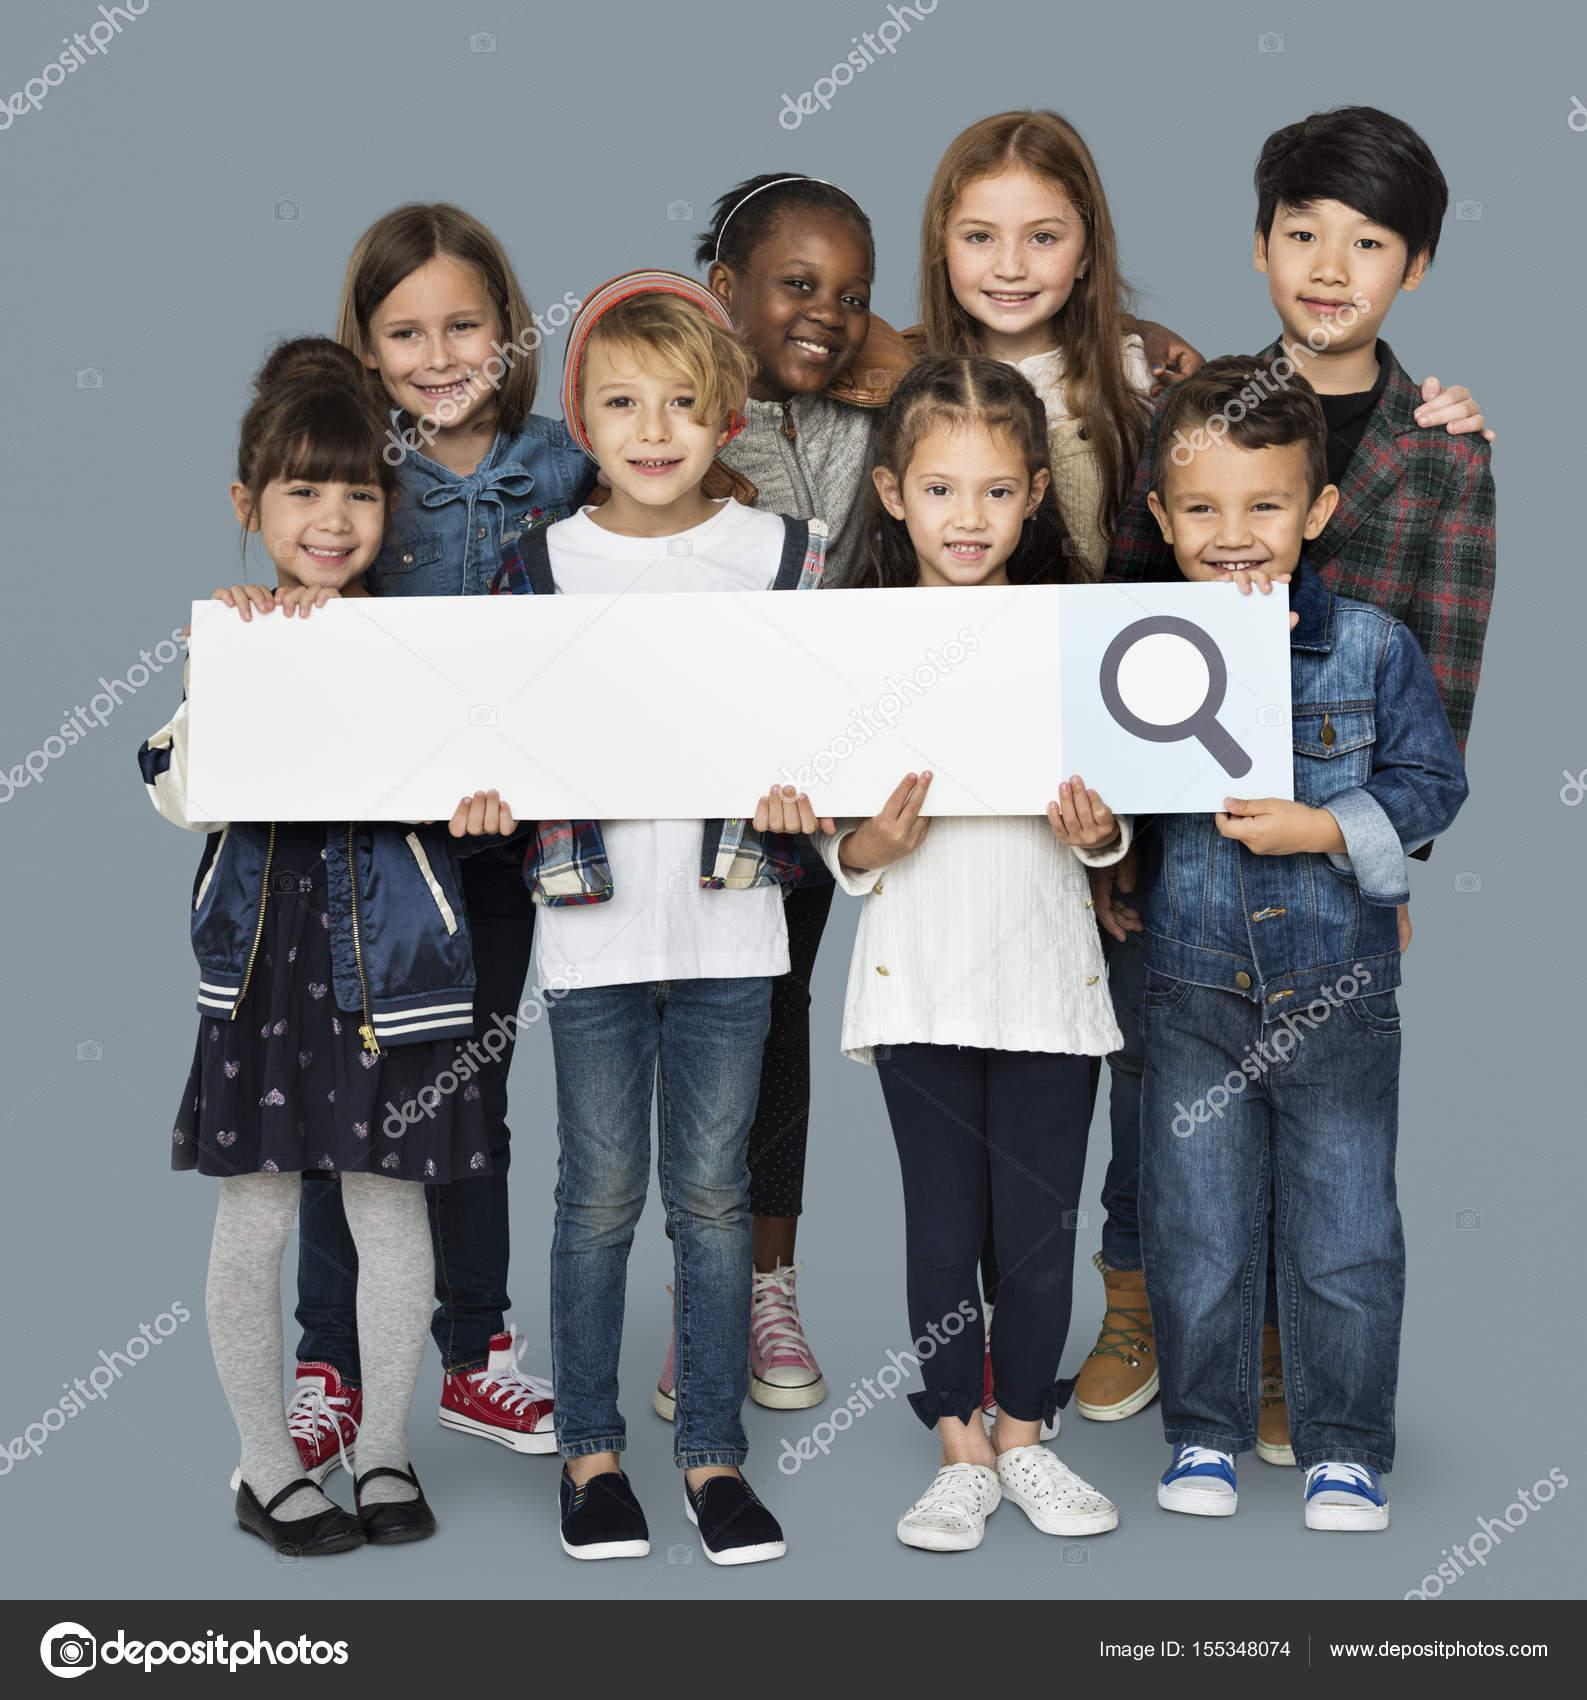 niños con el marco de la barra de búsqueda — Fotos de Stock ...